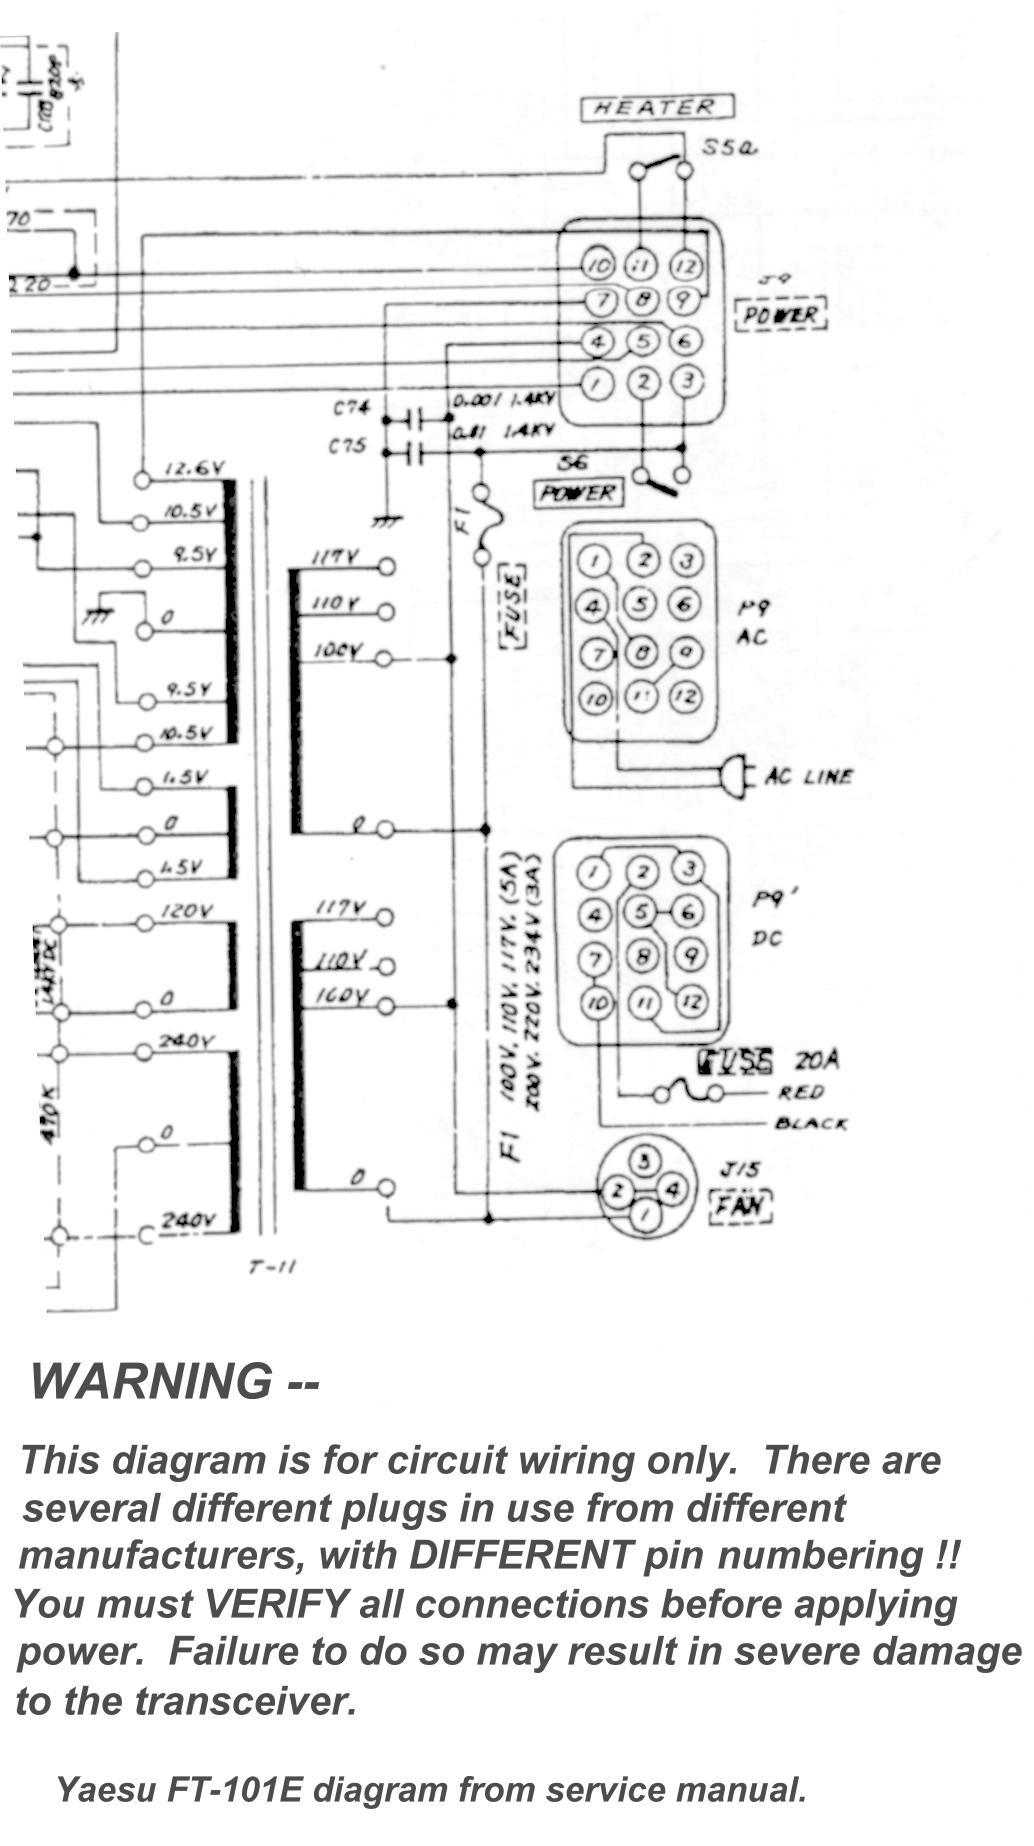 yaesu ft 1000 transceiver schematic diagram repair